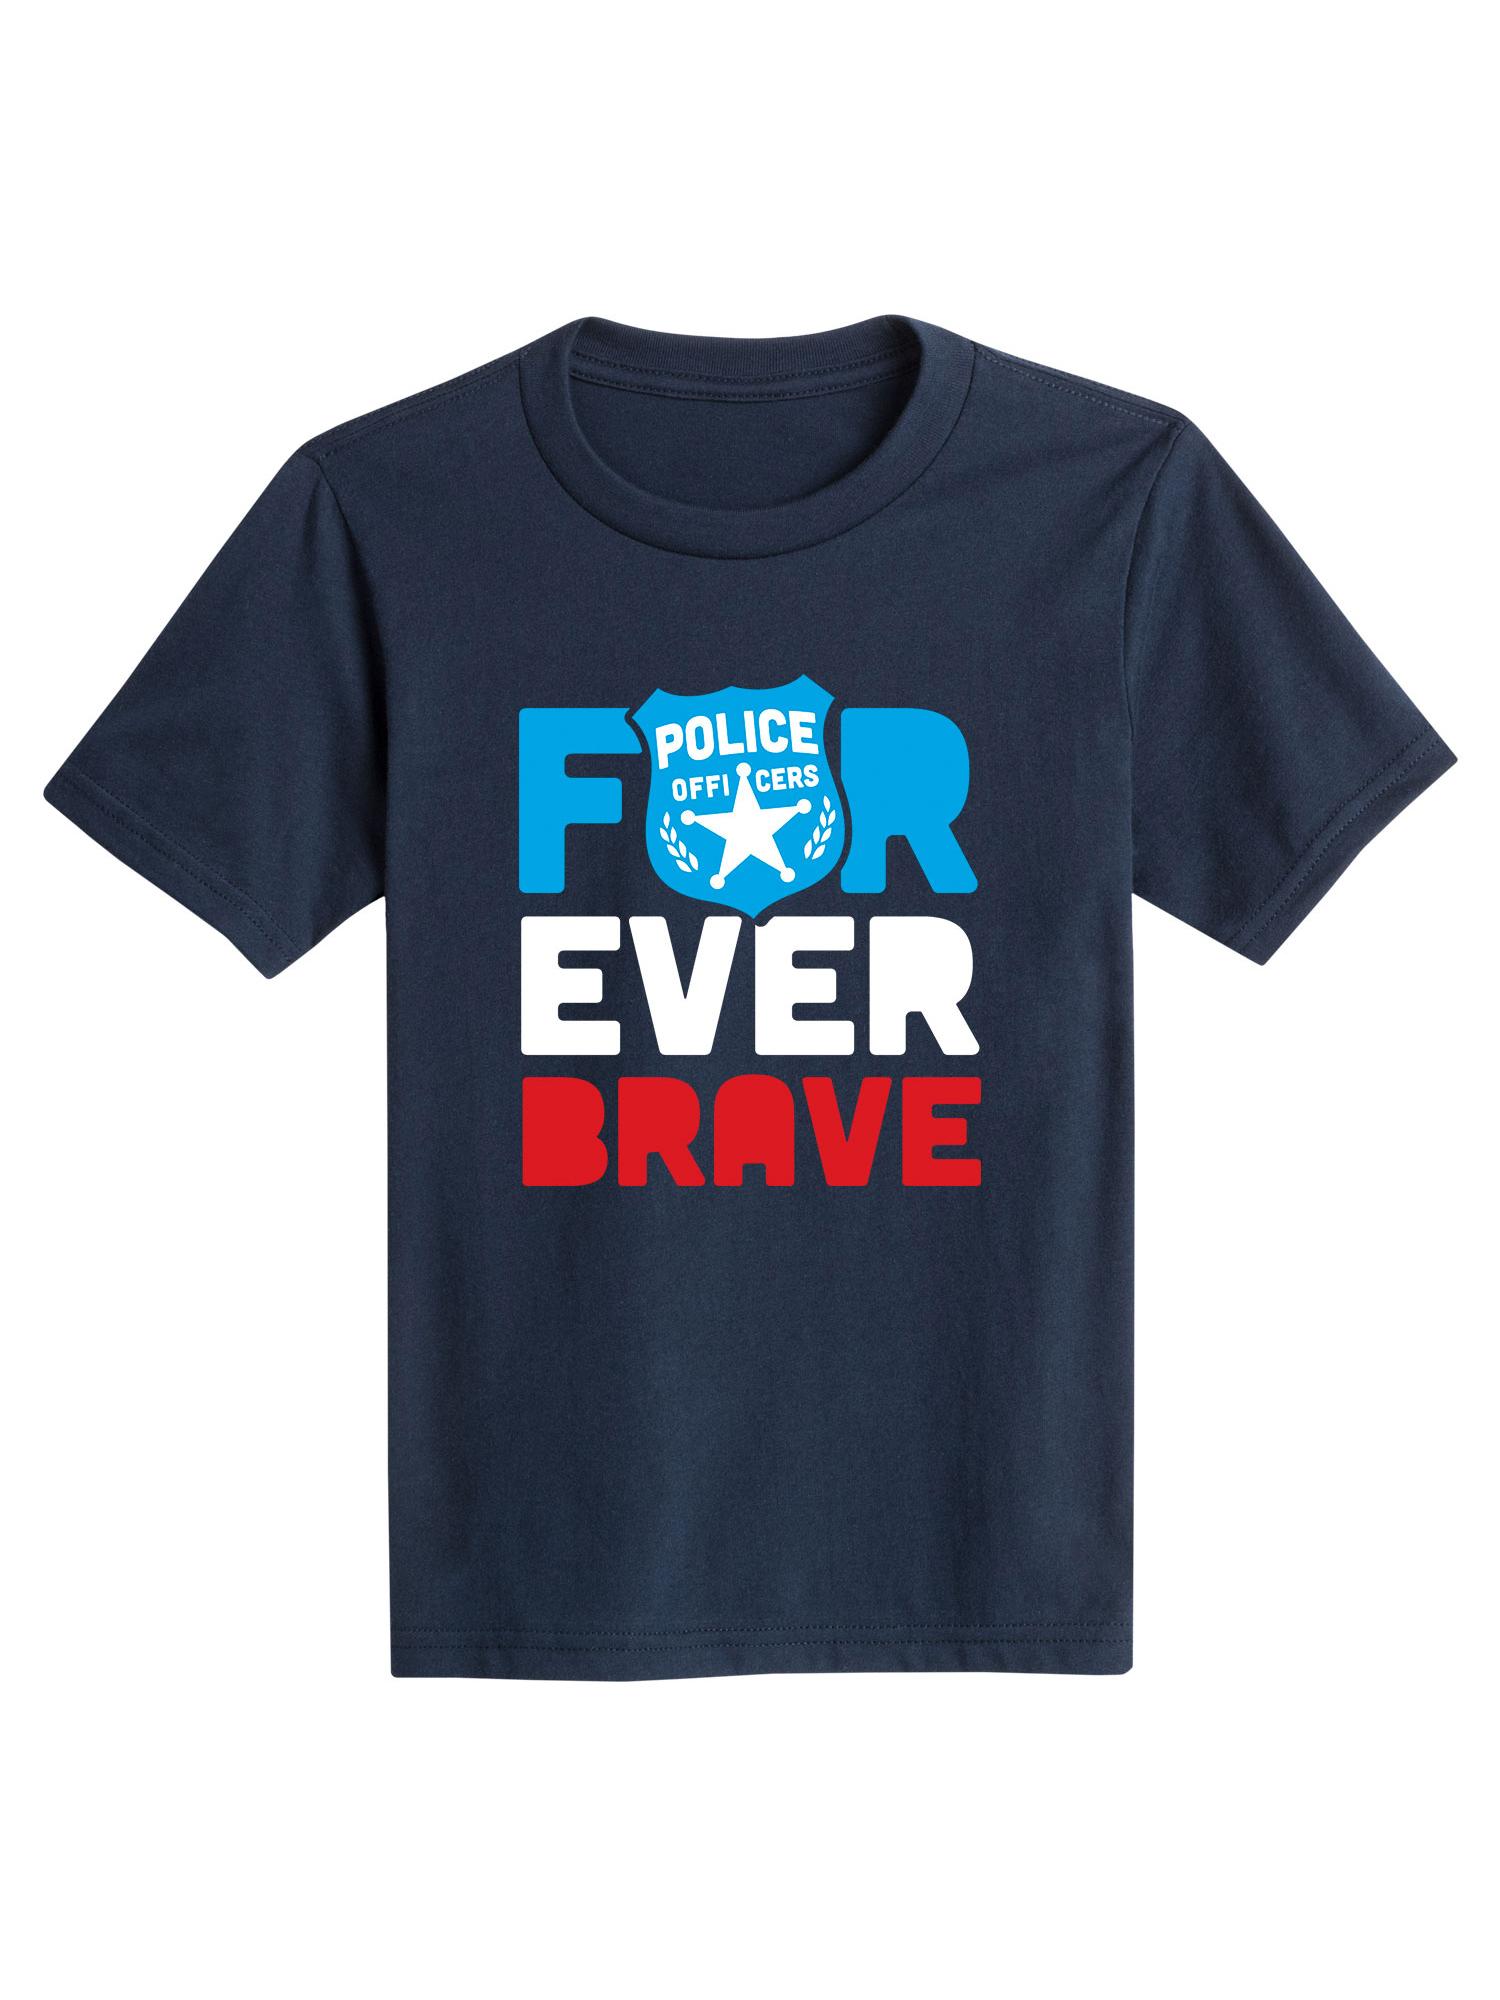 Forever Brave Police - Toddler Short Sleeve Tee